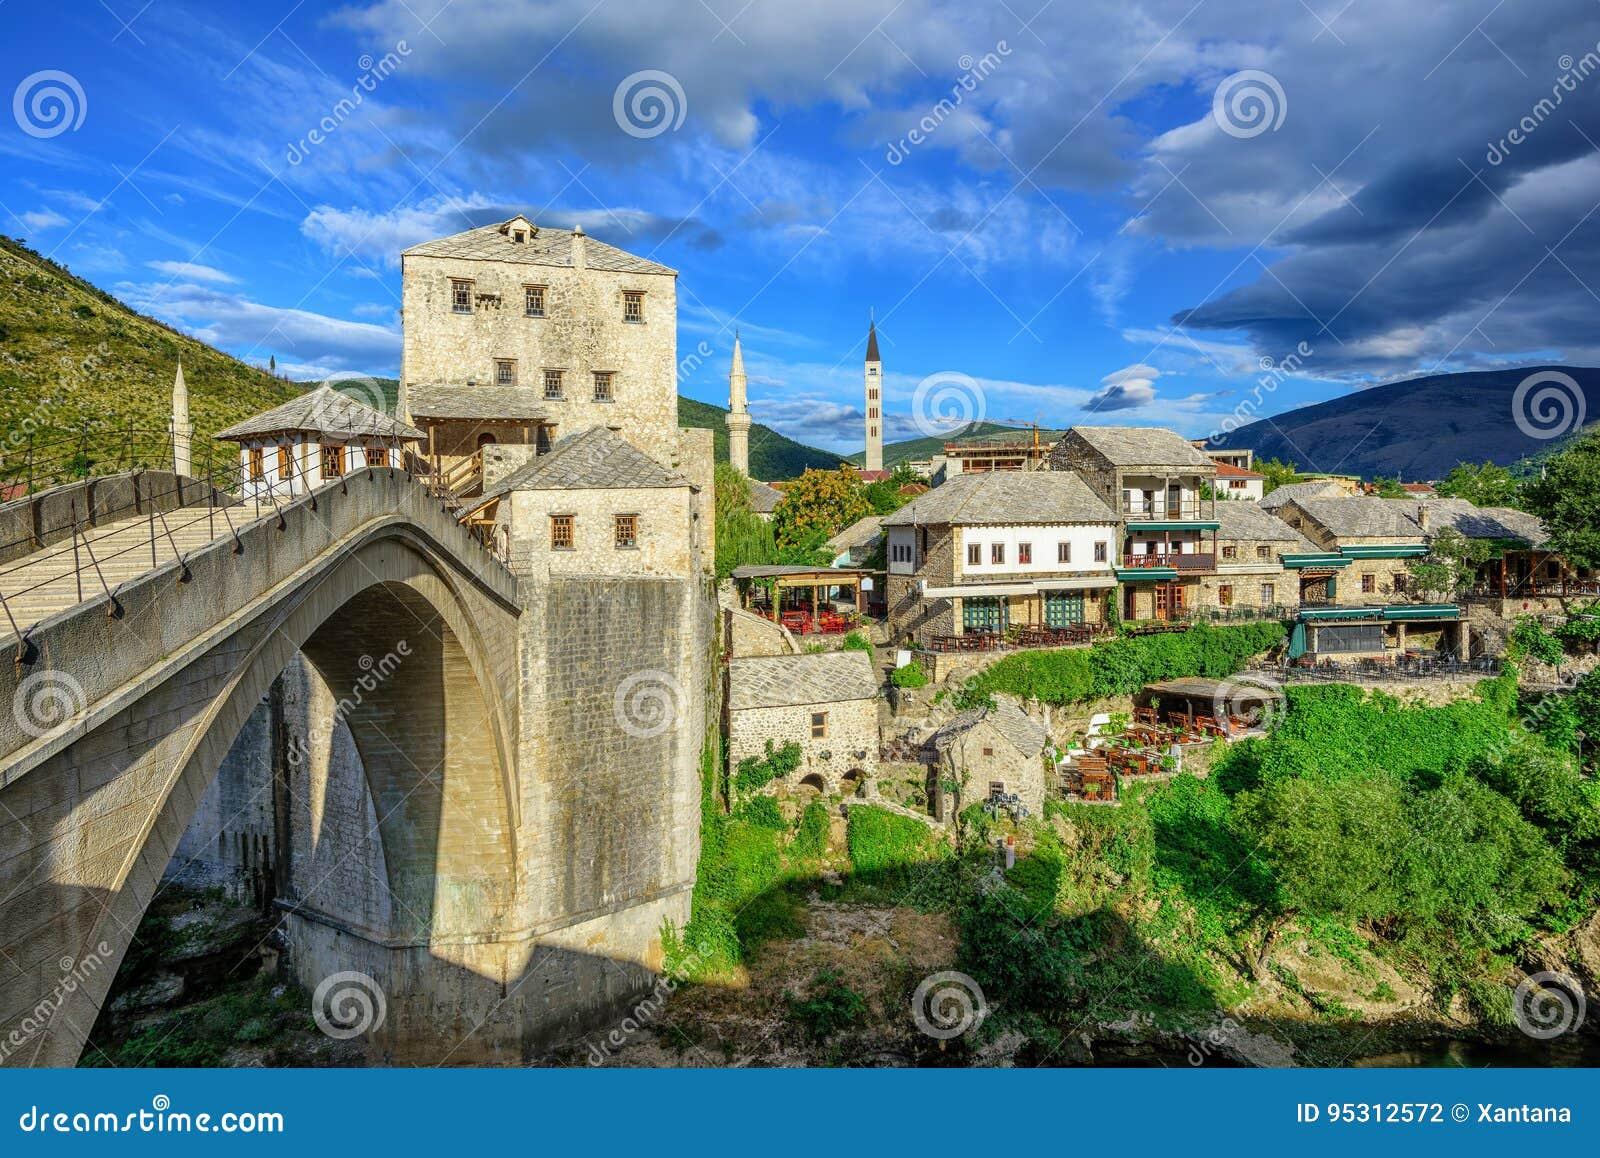 Gammal stad och bro i Mostar, Bosnien och Hercegovina